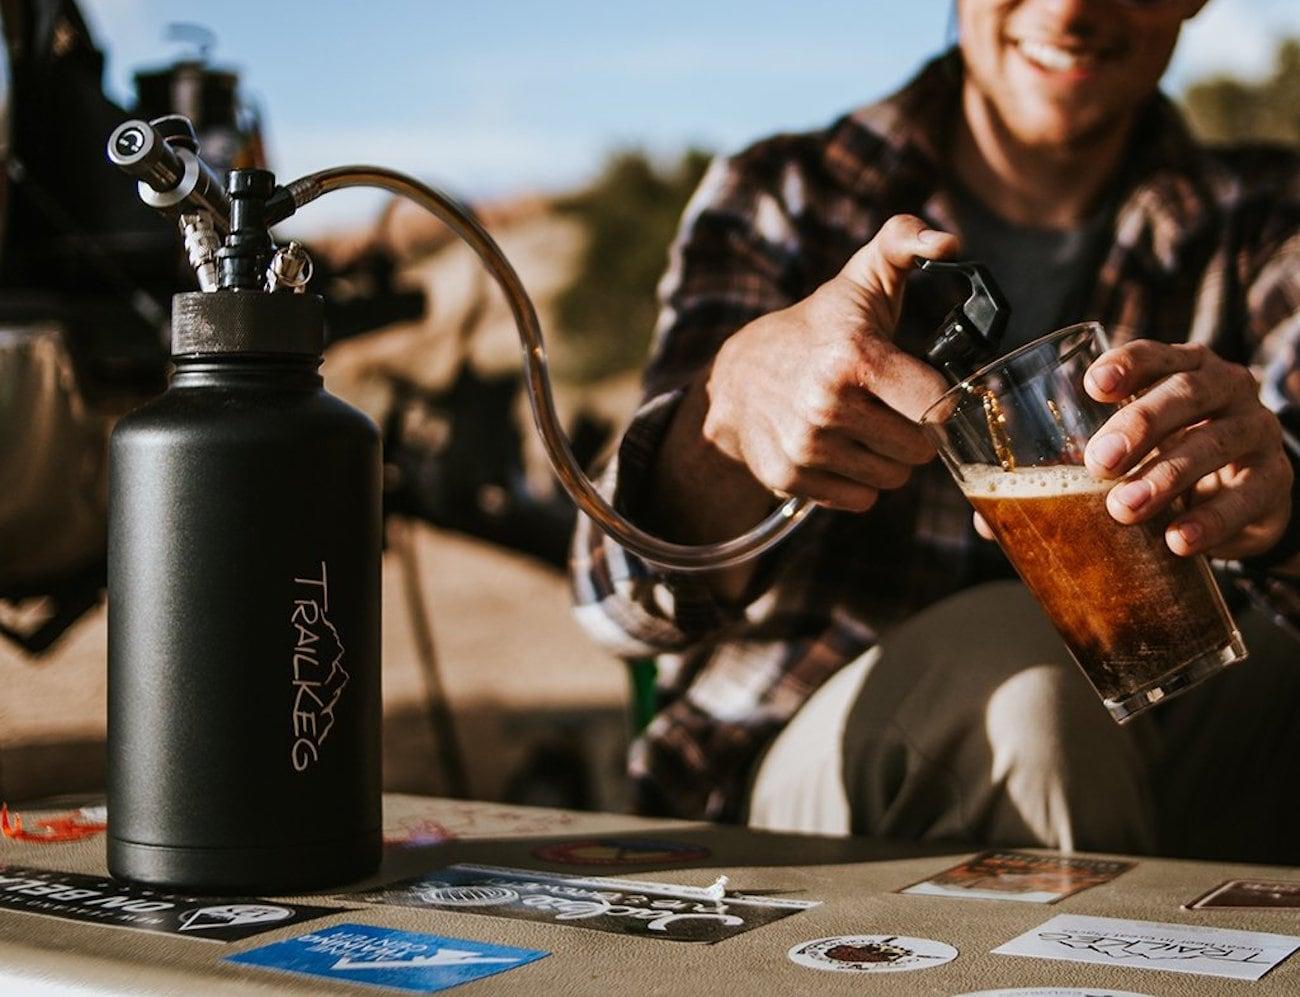 TrailKeg Portable Pressurized Growler Keg